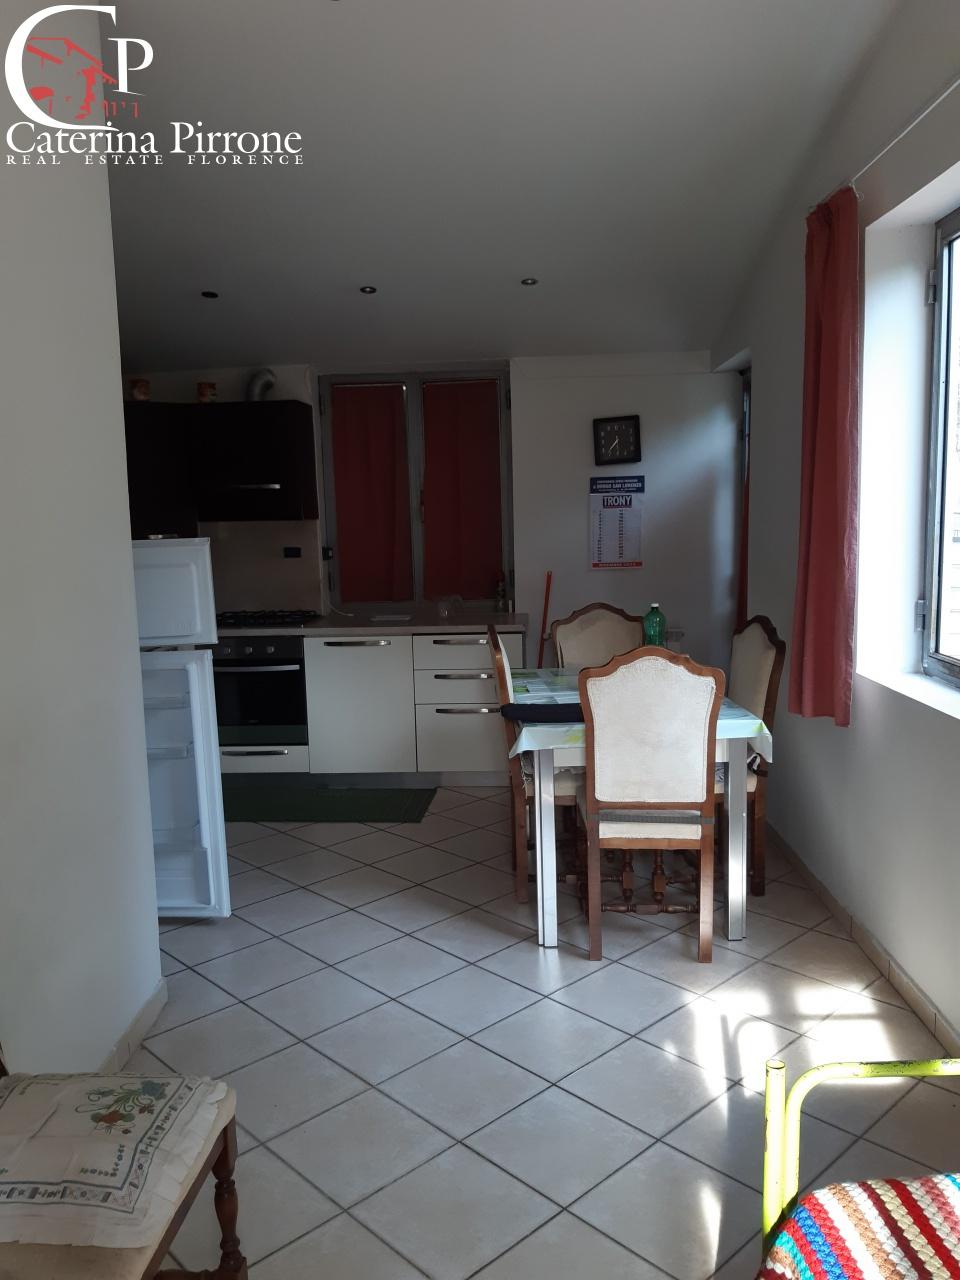 Appartamento in vendita a Dicomano, 3 locali, prezzo € 58.000 | CambioCasa.it